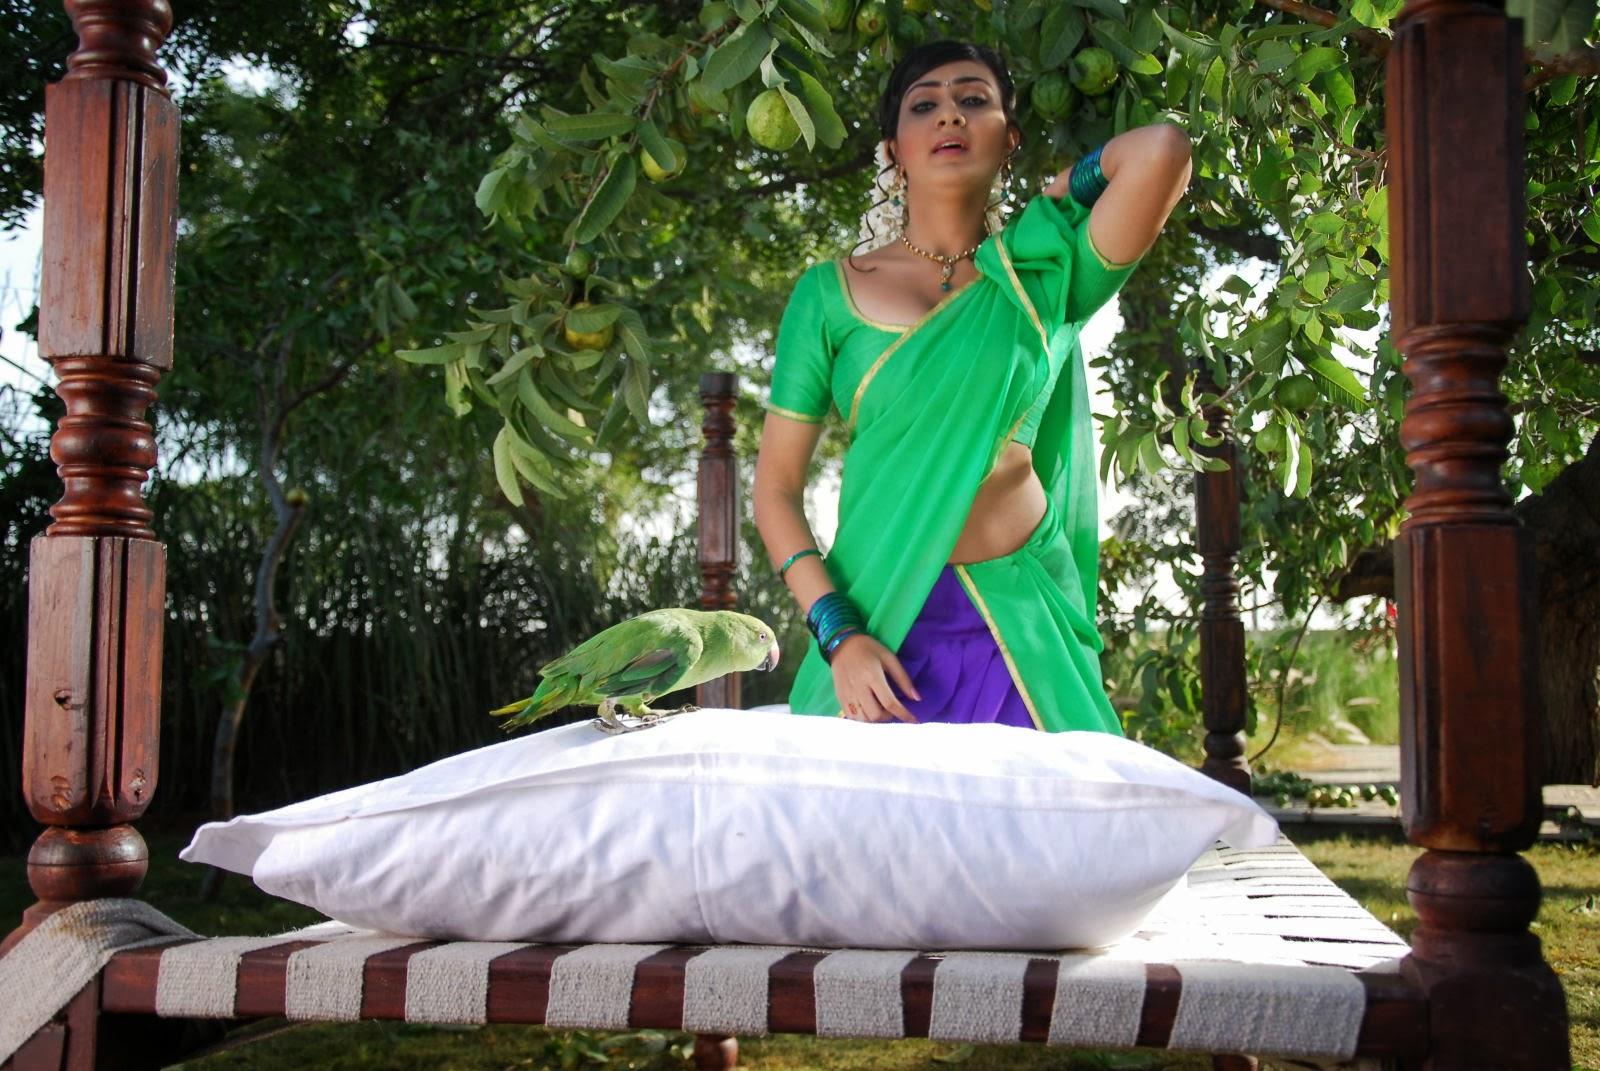 Neelam upadhyaya latest hot photos in green saree